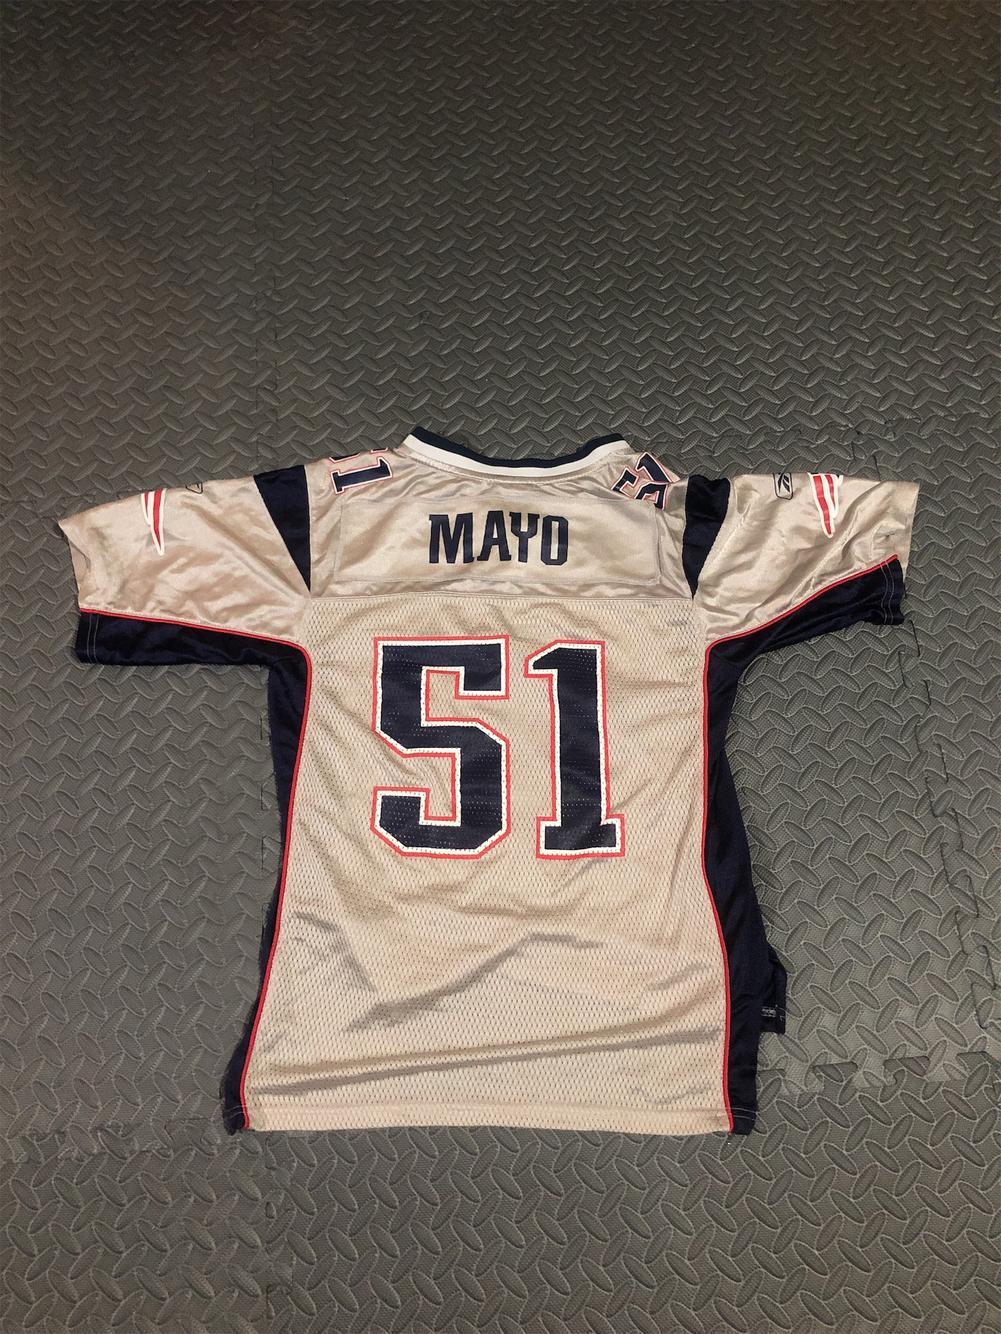 Reebok Jerod Mayo Pats Jersey | Football Apparel